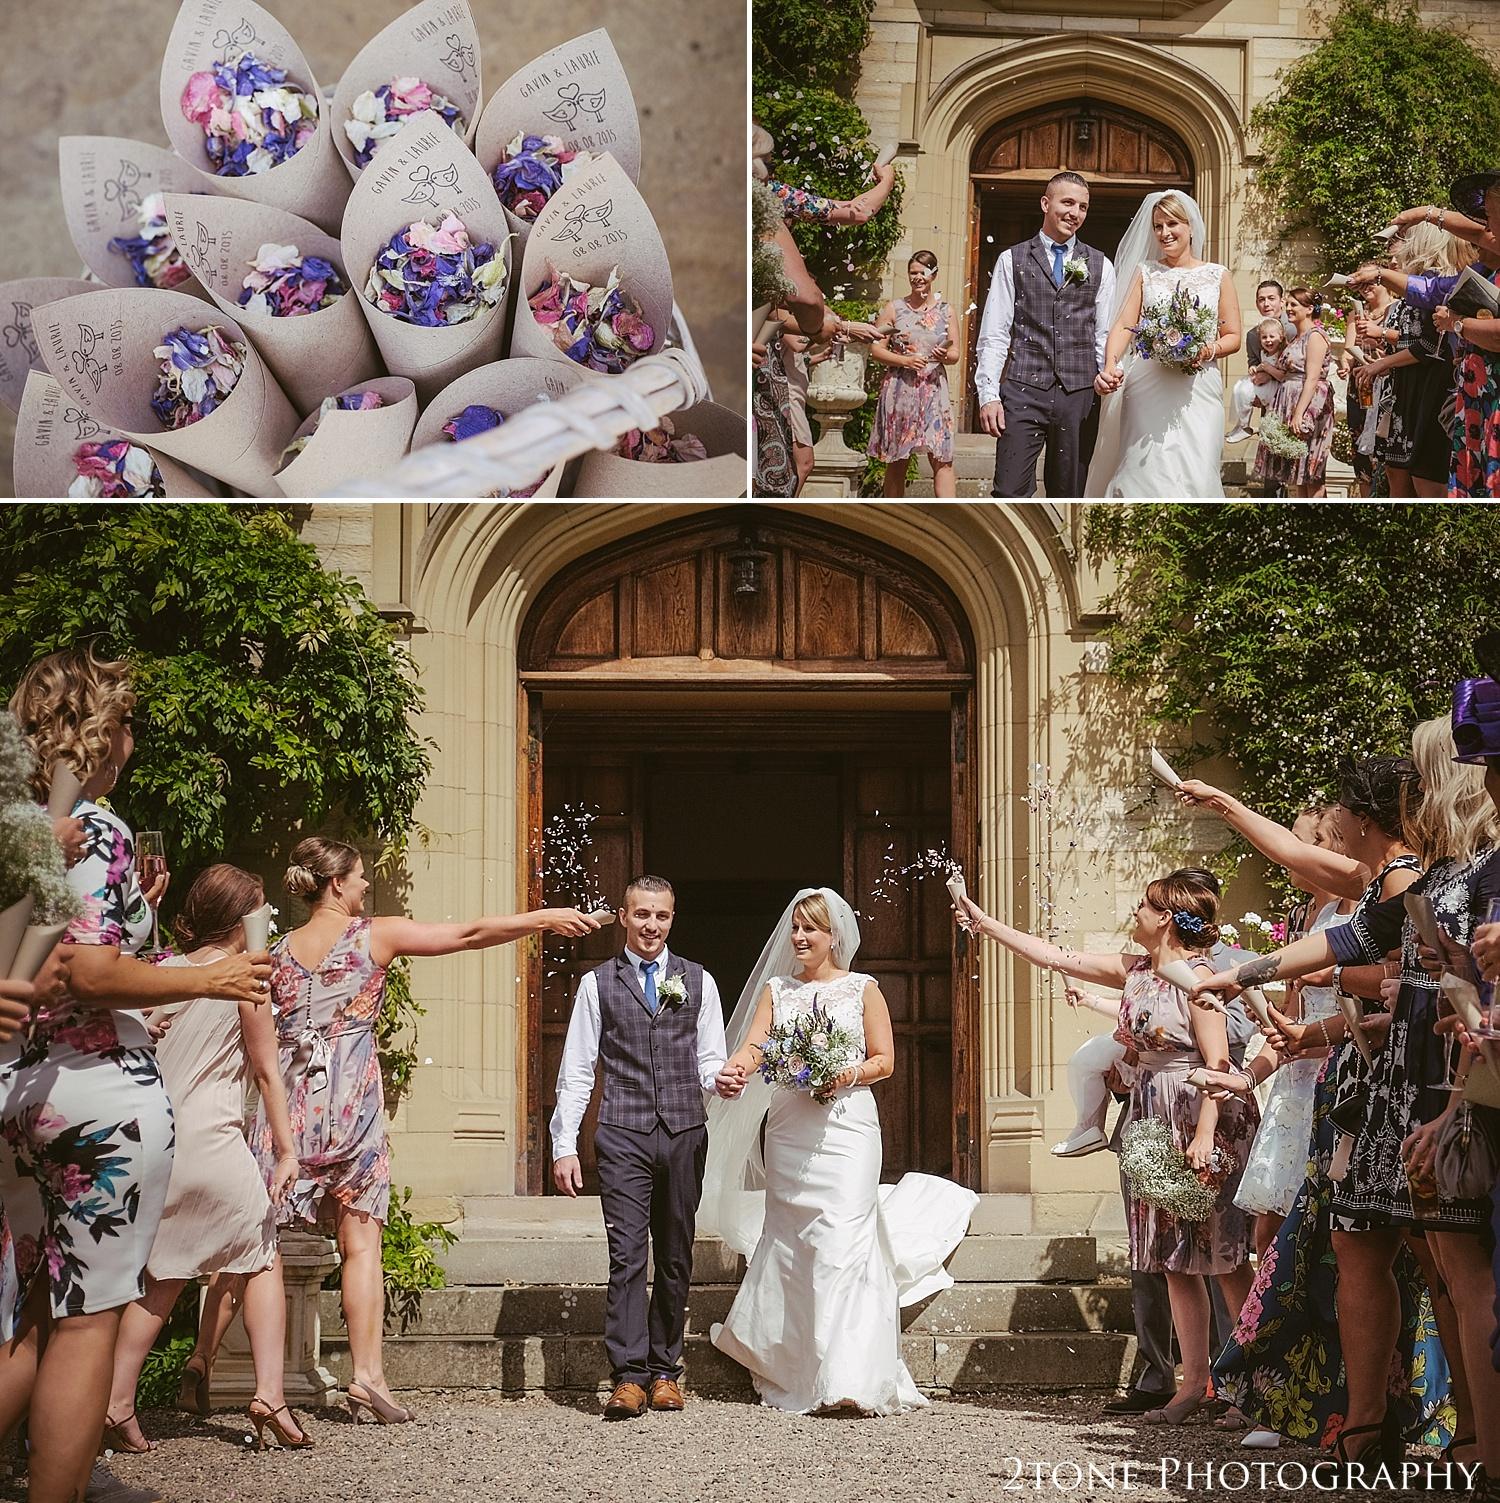 Wedding confetti.  Wedding photography at Guyzance Hall by wedding photographers www.2tonephotography.co.uk